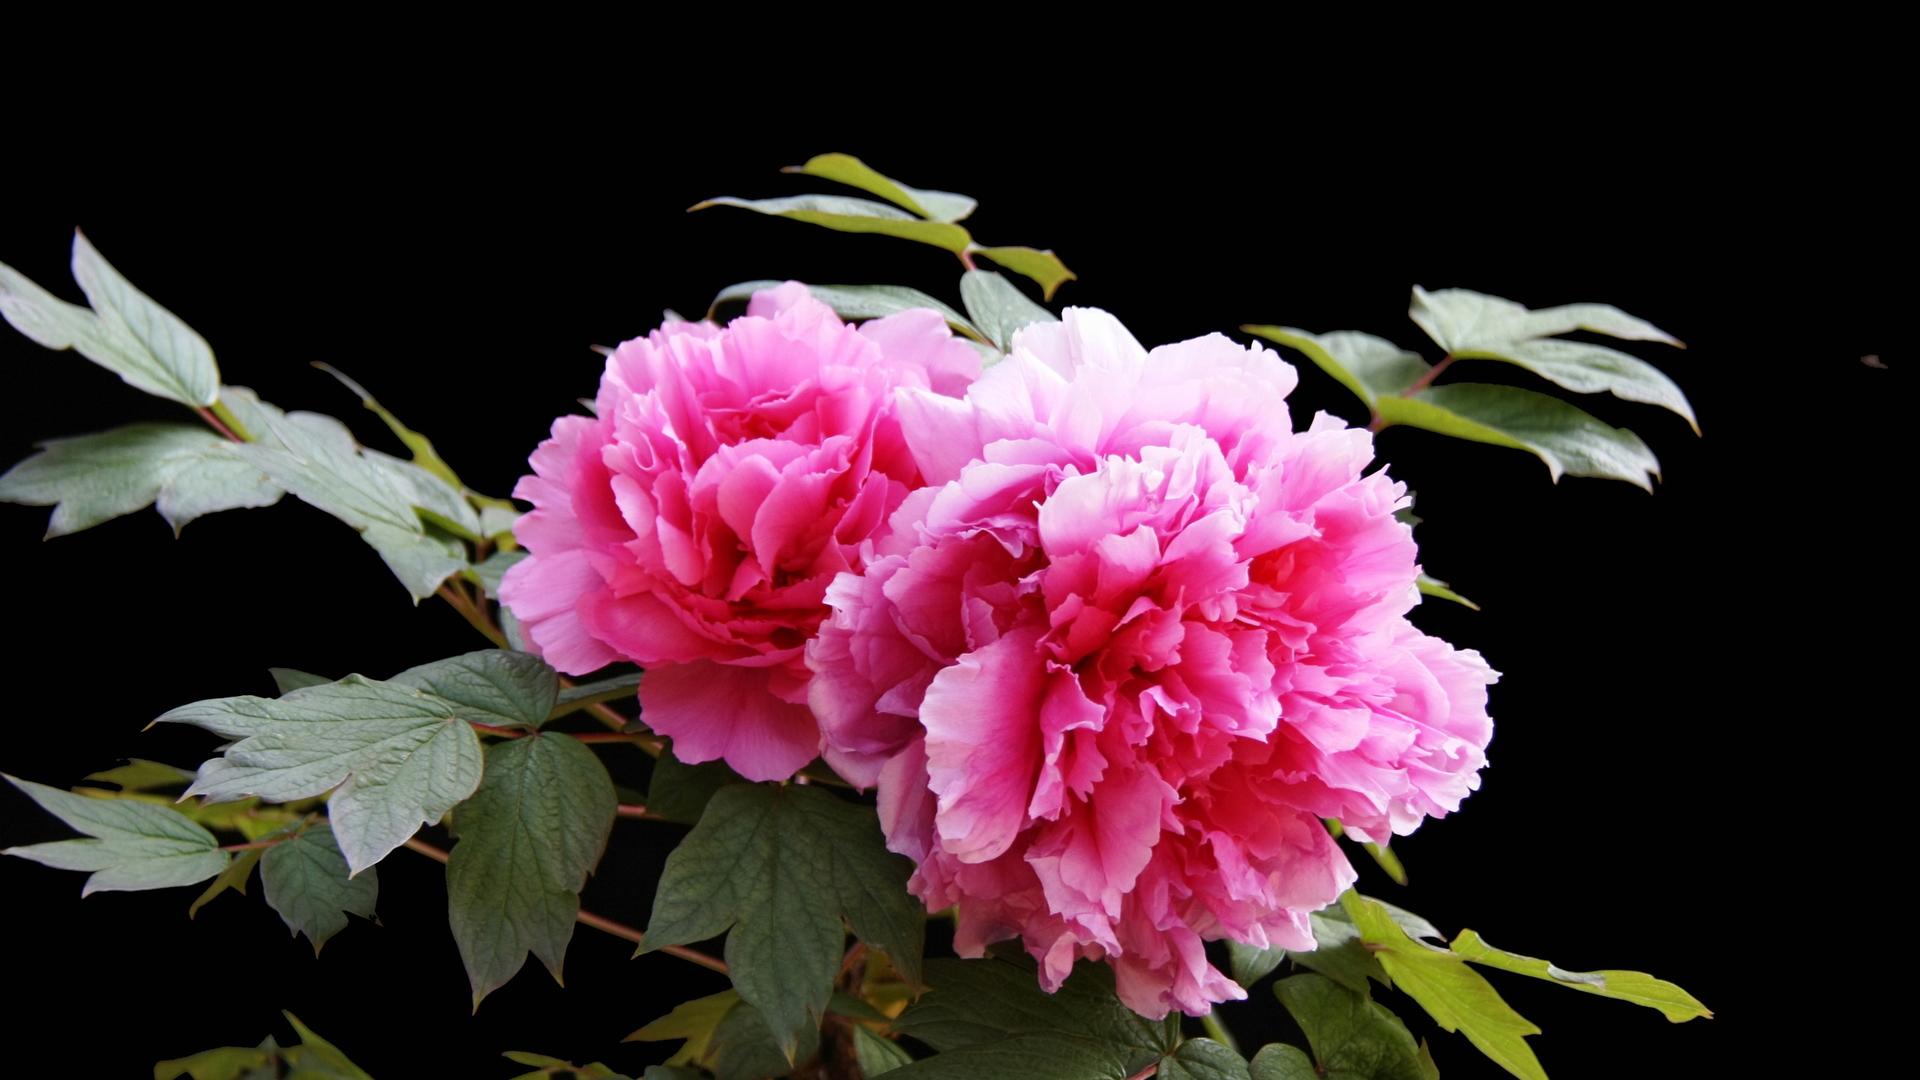 花中之王指的是什么花?